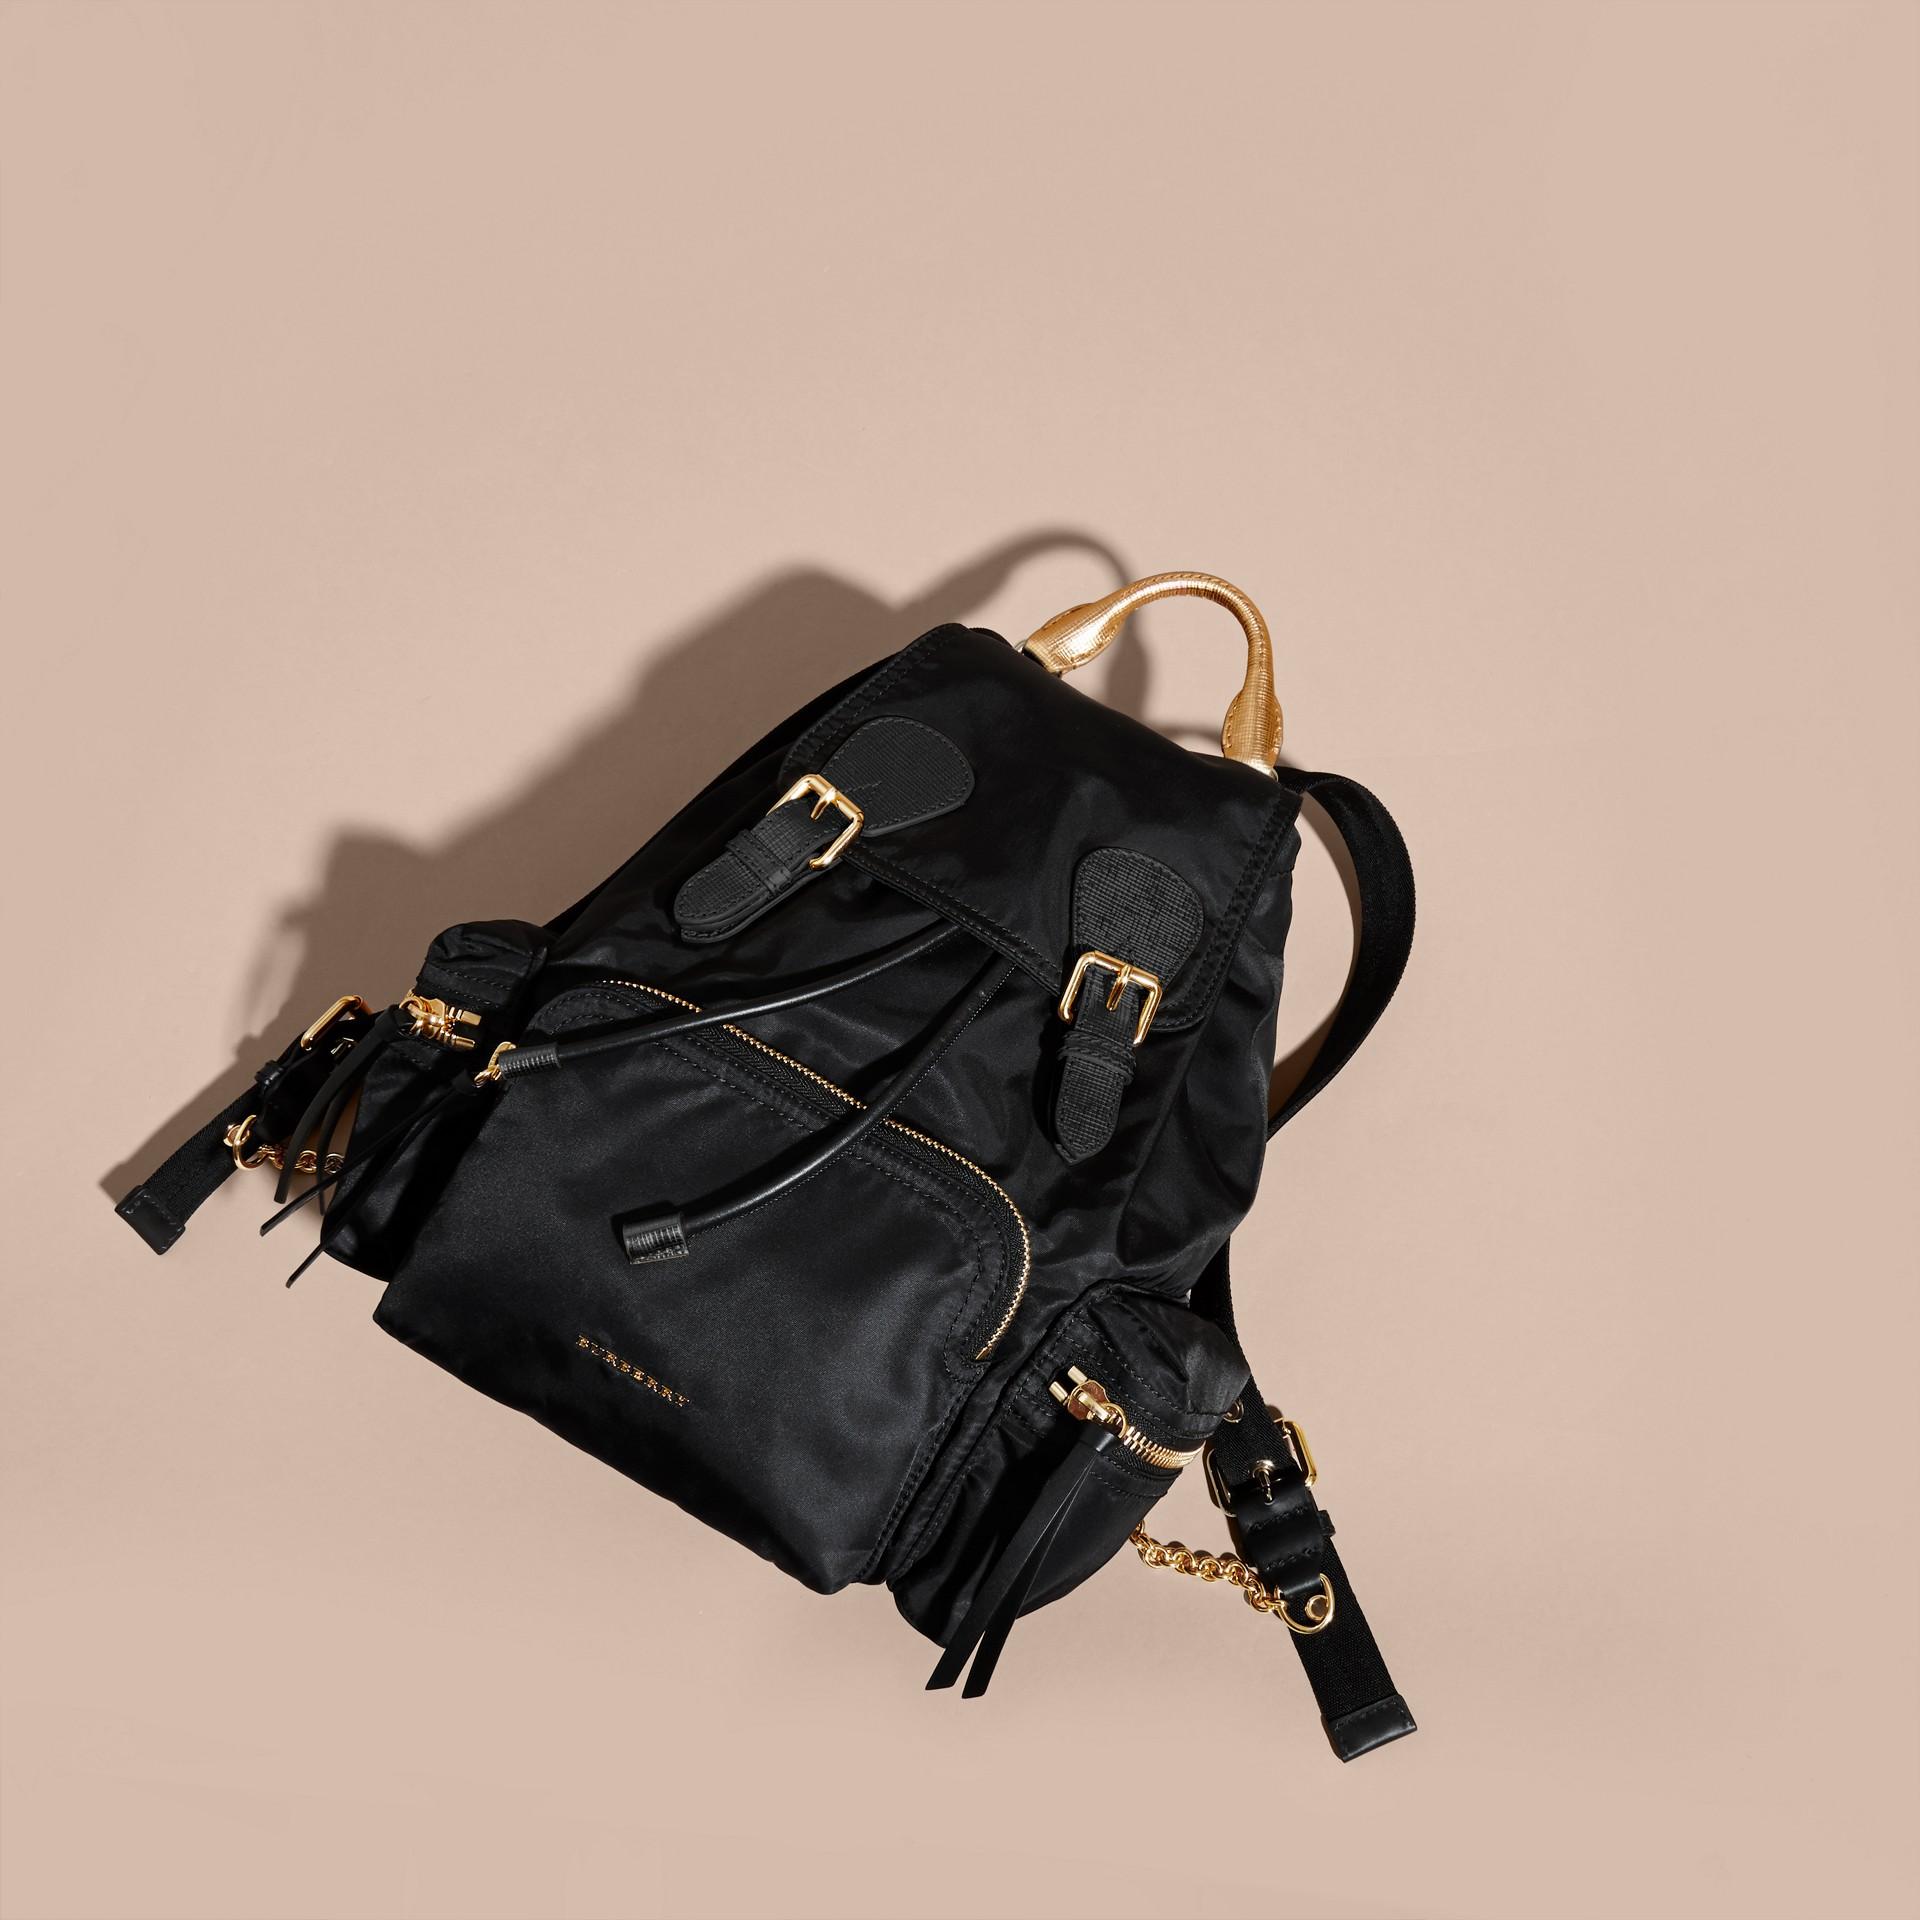 Nero/oro Zaino The Rucksack medio in nylon bicolore e pelle Nero/oro - immagine della galleria 7